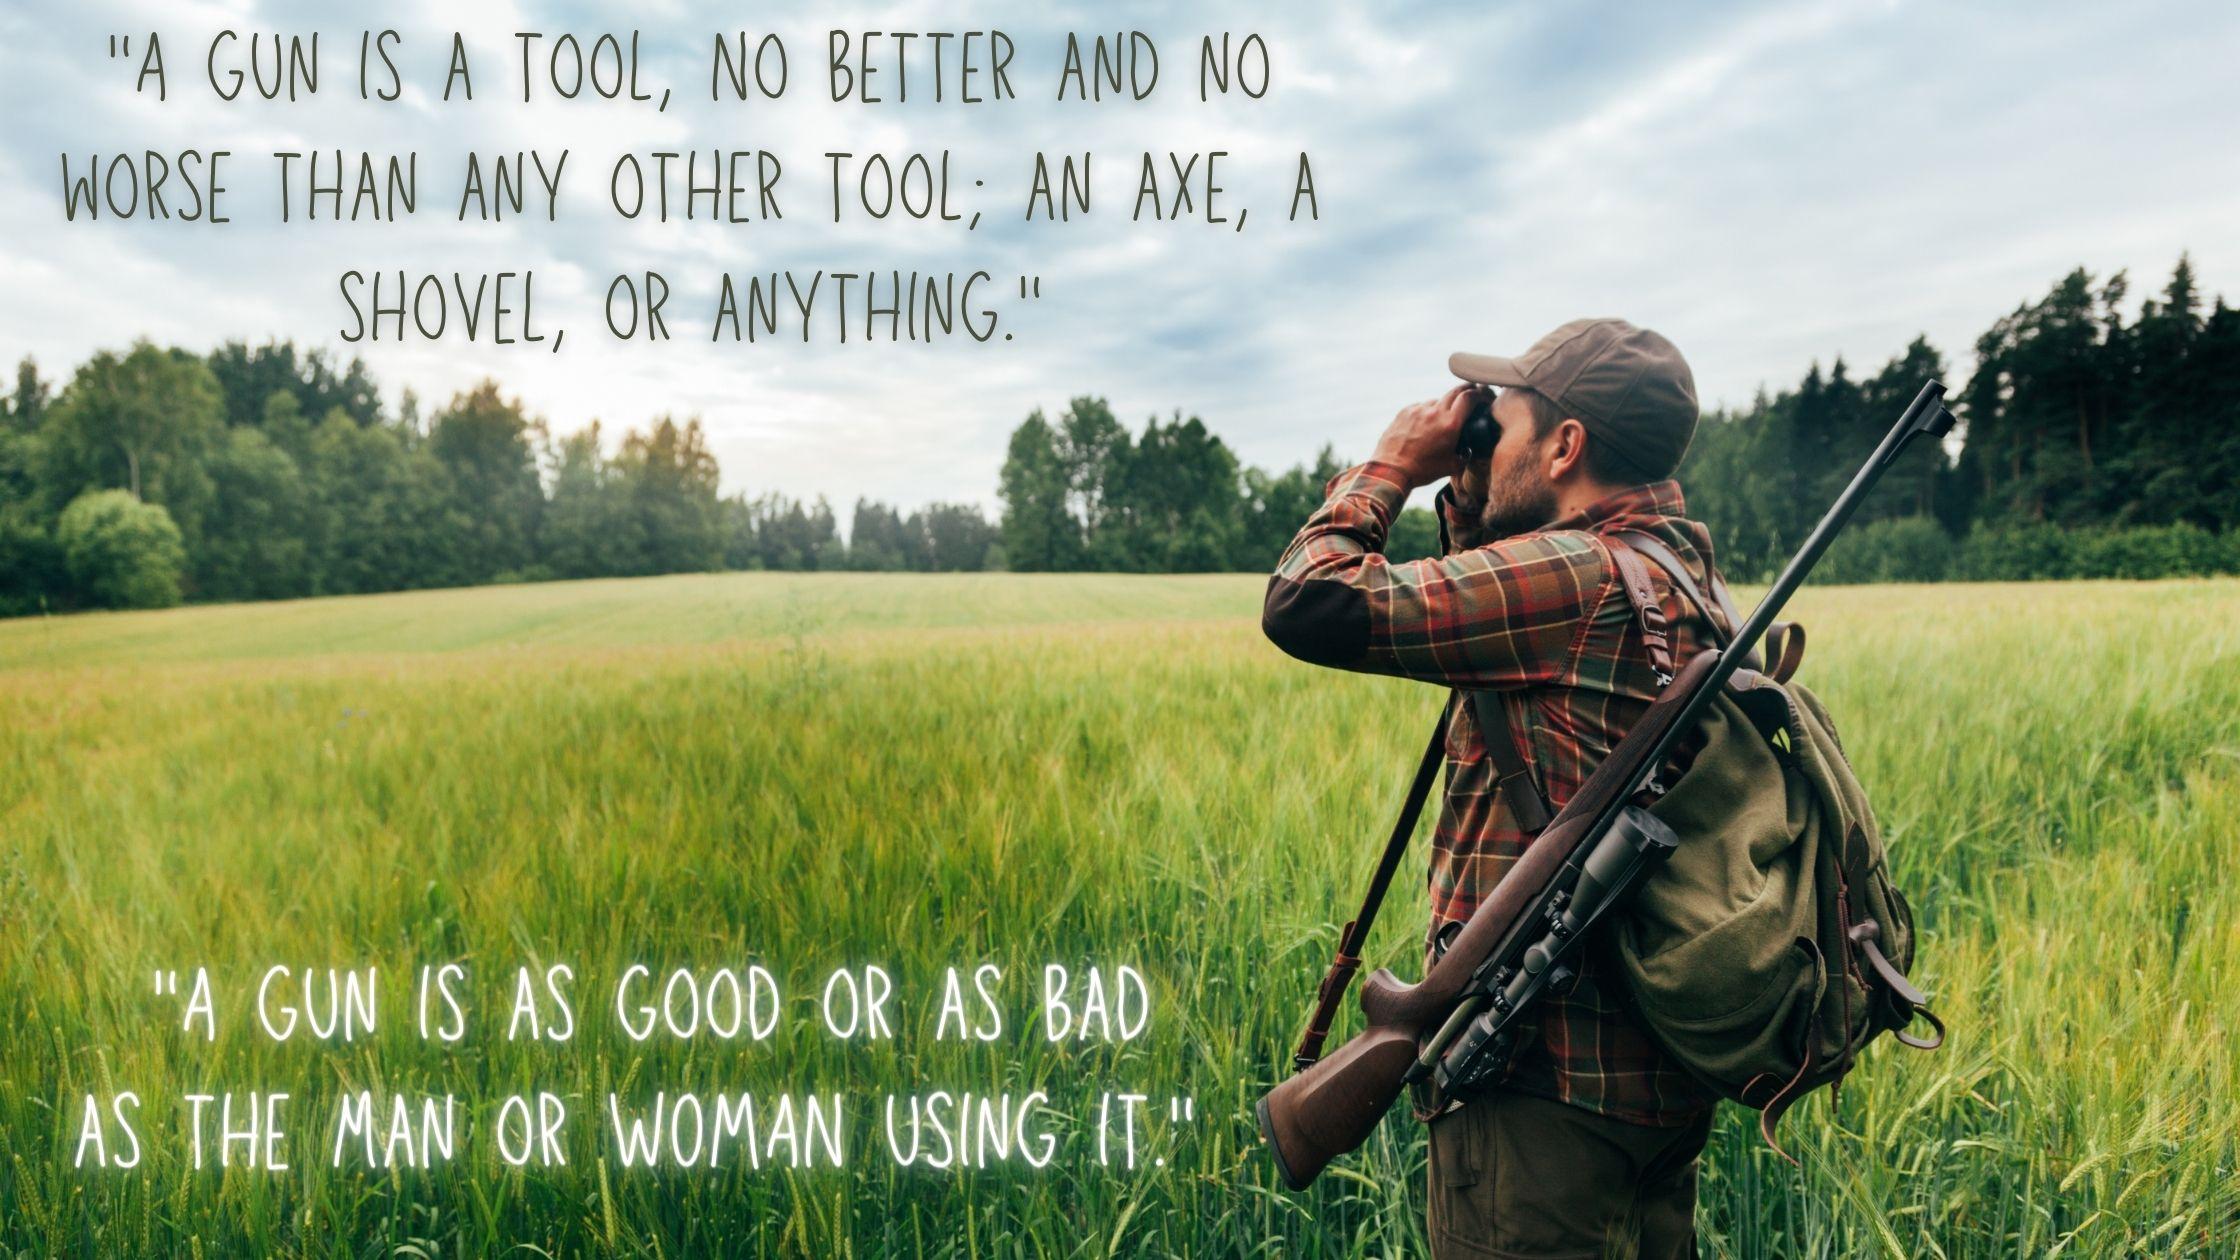 A gun is a tool